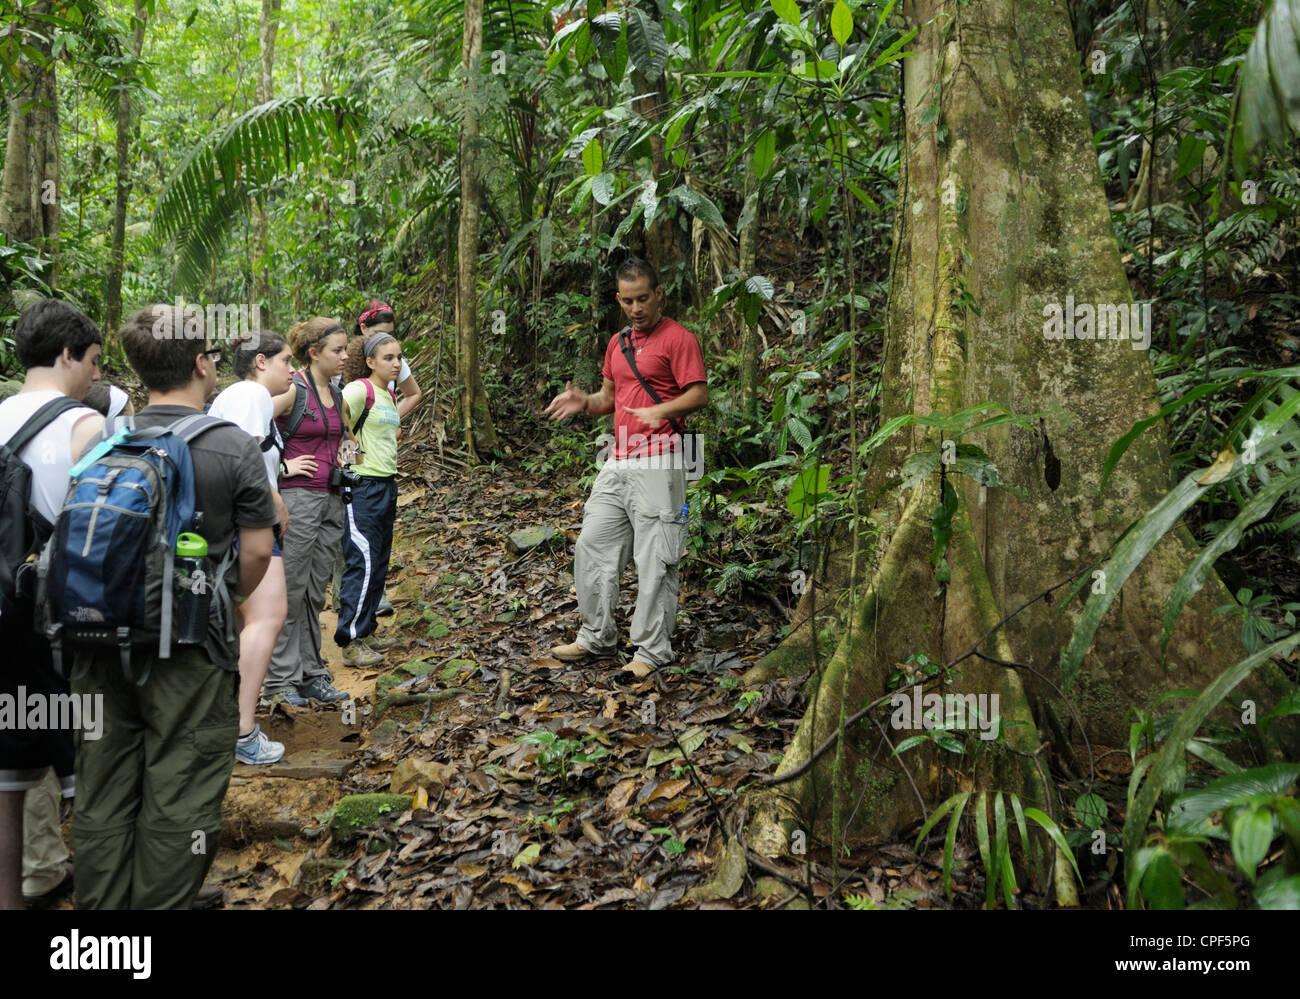 Gruppo di adolescenti ecotourists su una foresta pluviale ecologia a piedi, Selva Verde, Costa Rica. La loro guida Immagini Stock